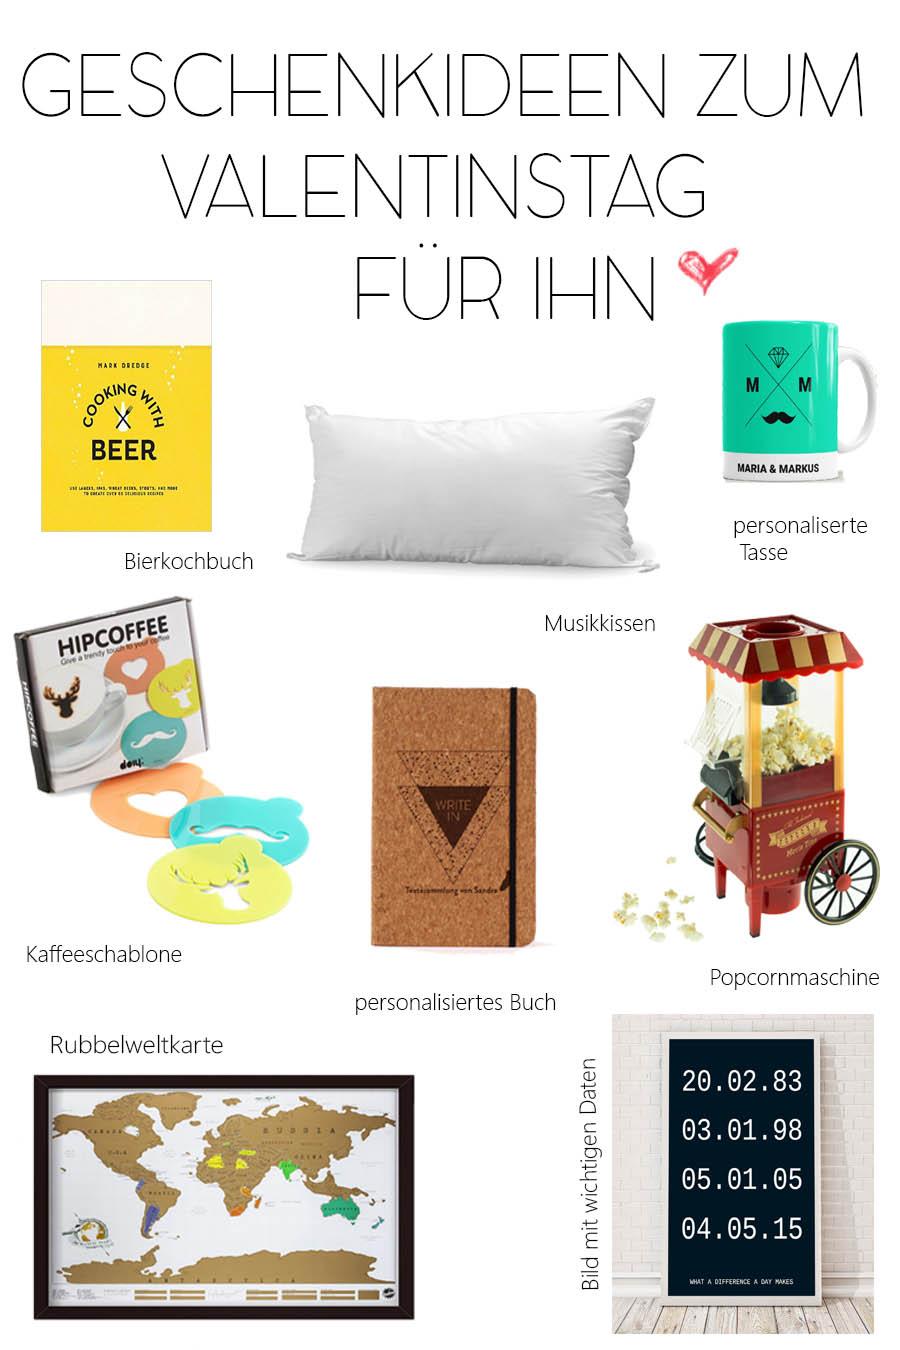 shopping 10 coole geschenkideen zum valentinstag f r ihn fashion passion love. Black Bedroom Furniture Sets. Home Design Ideas